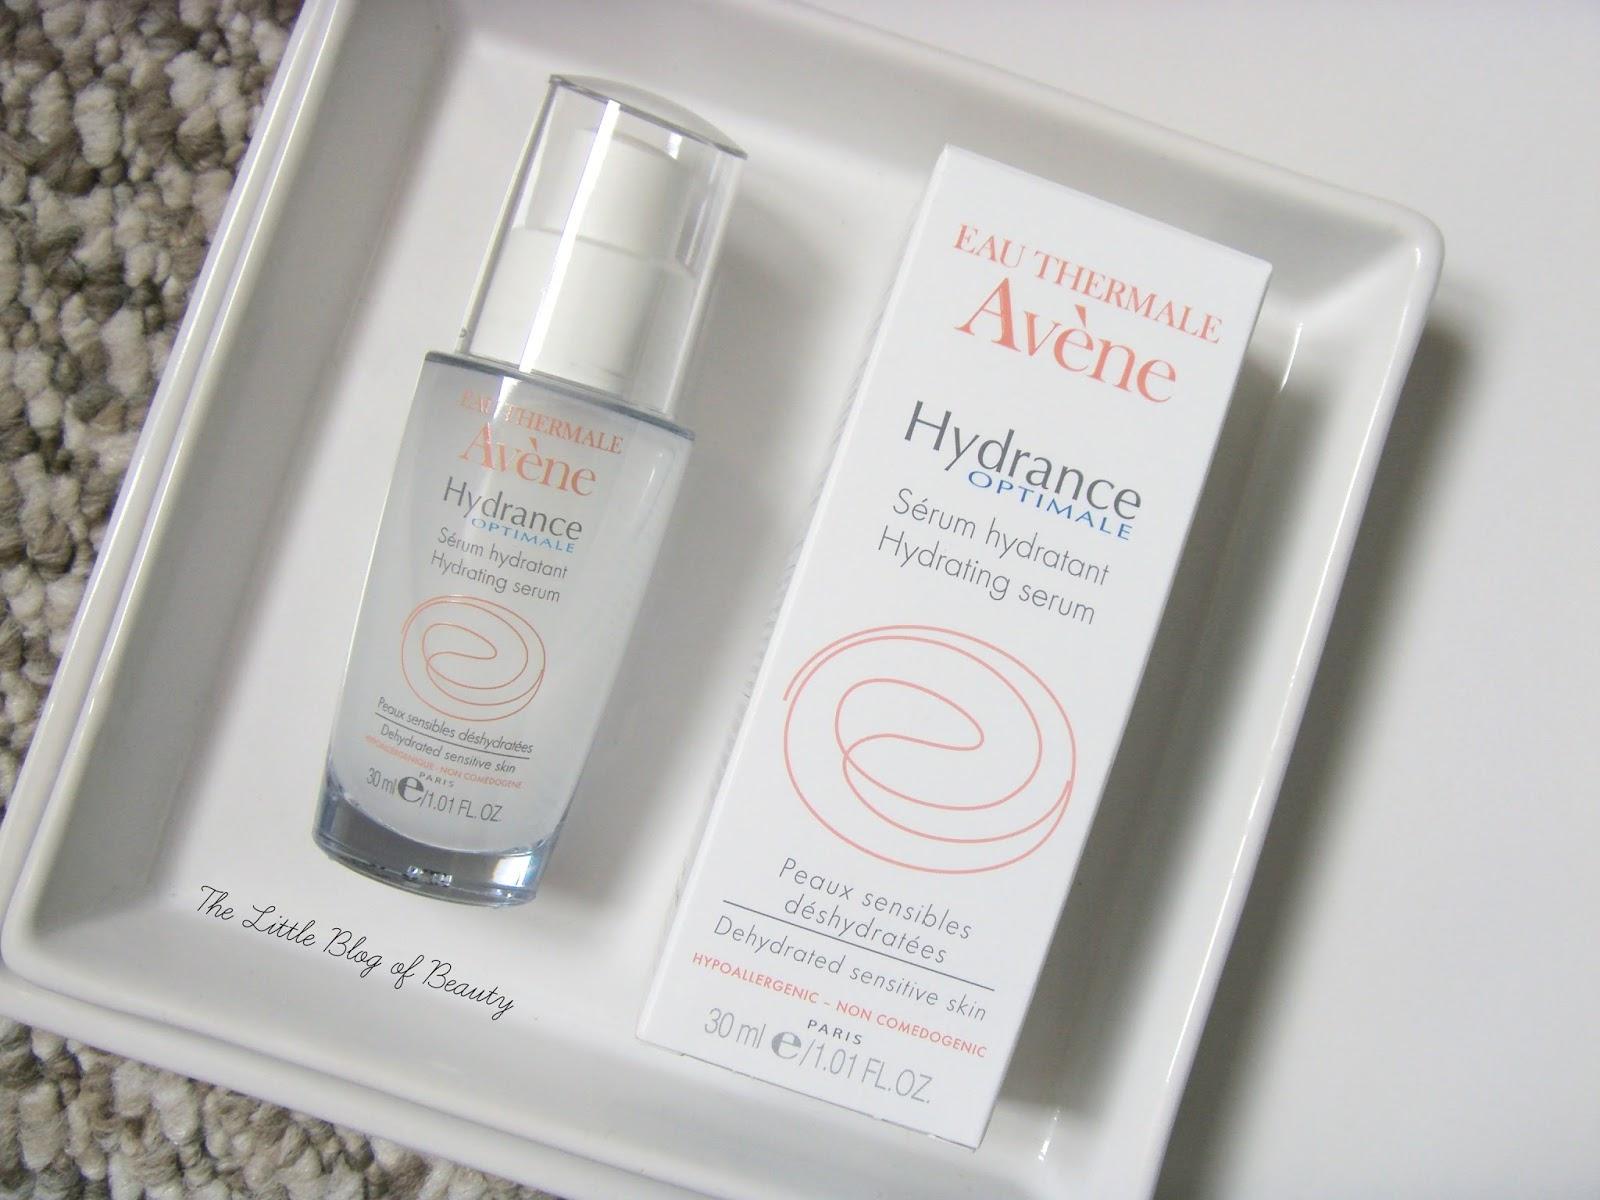 Av 232 Ne Hydrance Optimale Hydrating Serum The Little Blog